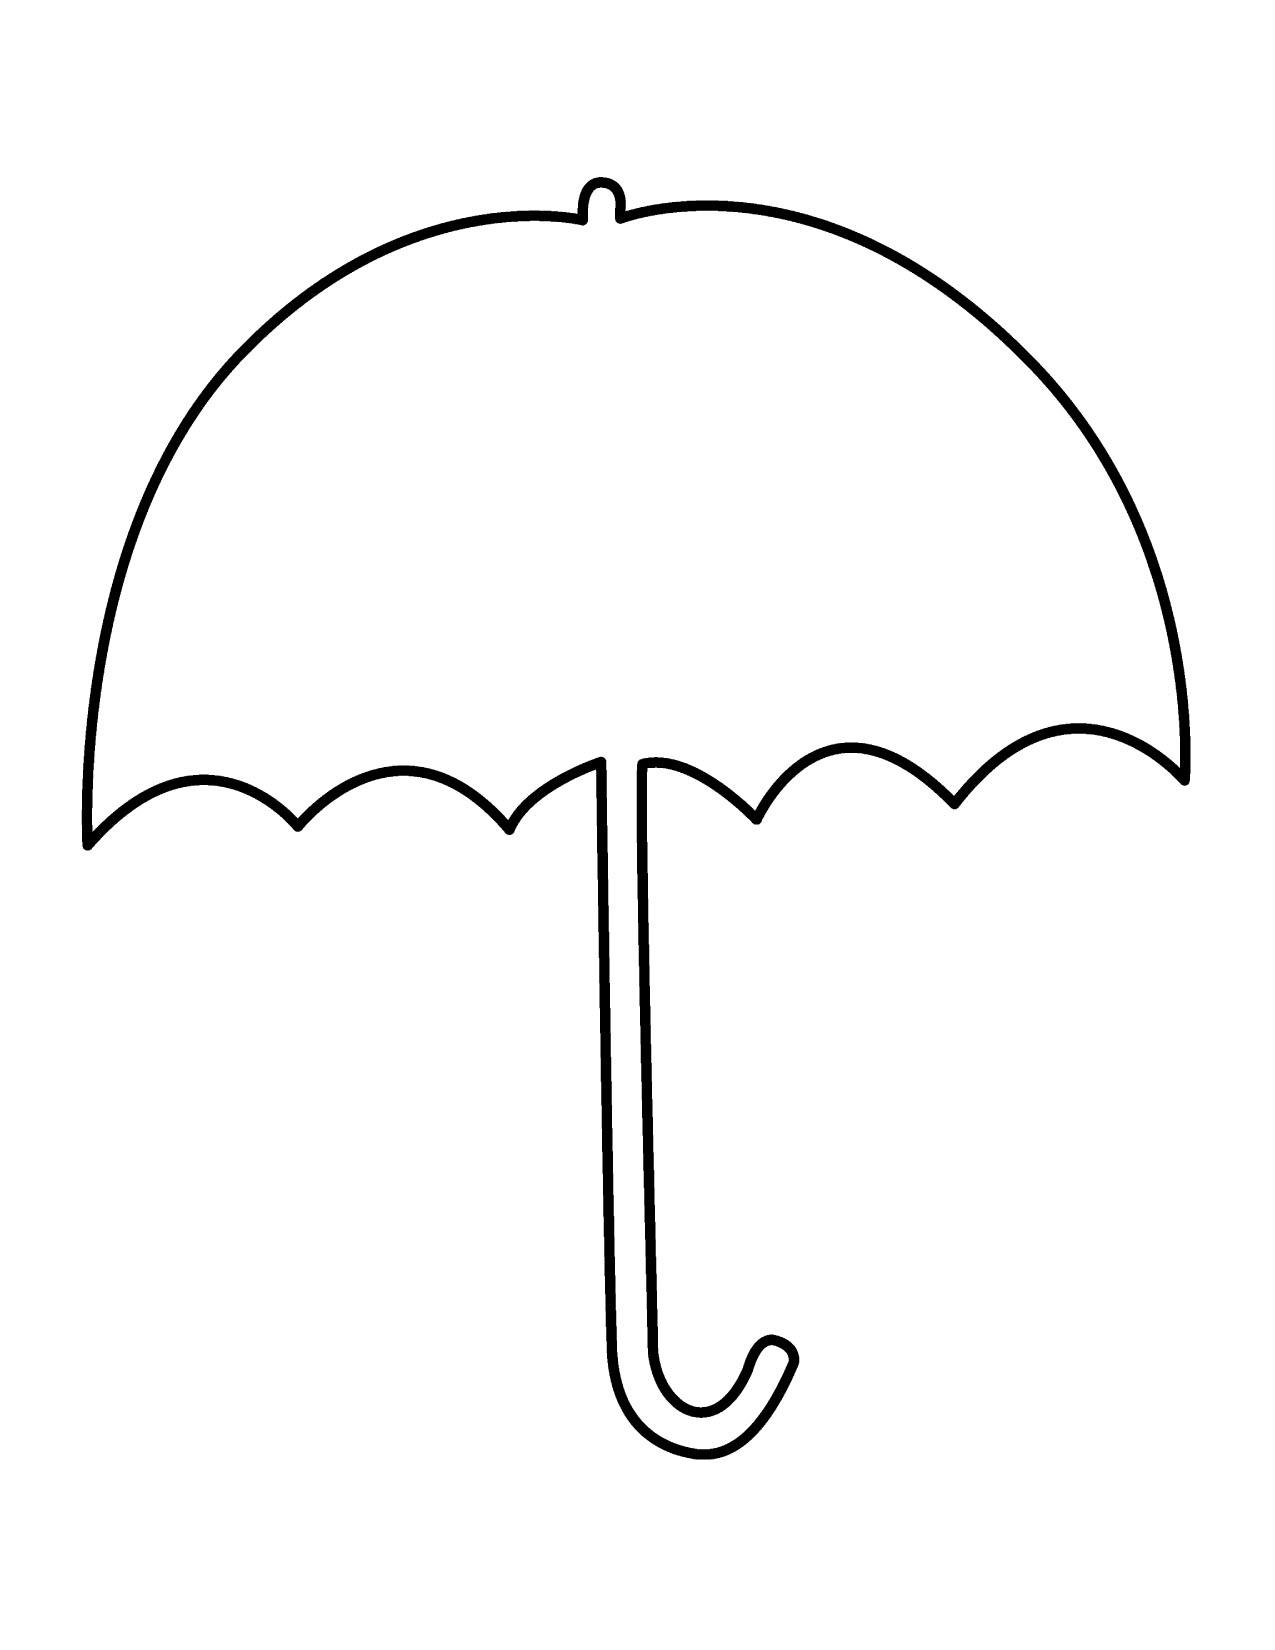 1275x1650 Umbrella Clip Art Free Download Free Clipart Images 4